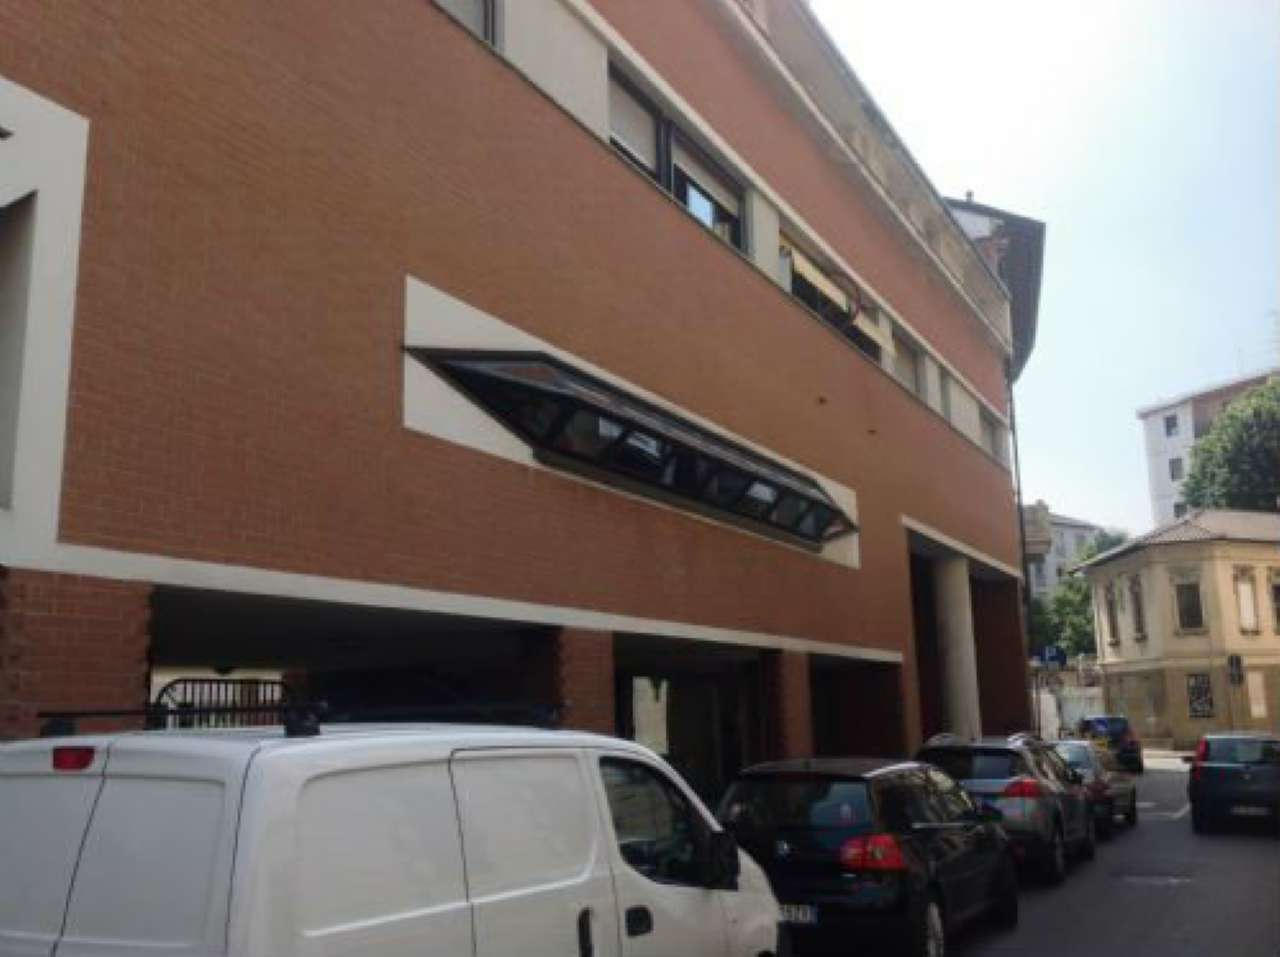 Negozio / Locale in affitto a Busto Arsizio, 4 locali, prezzo € 700 | CambioCasa.it